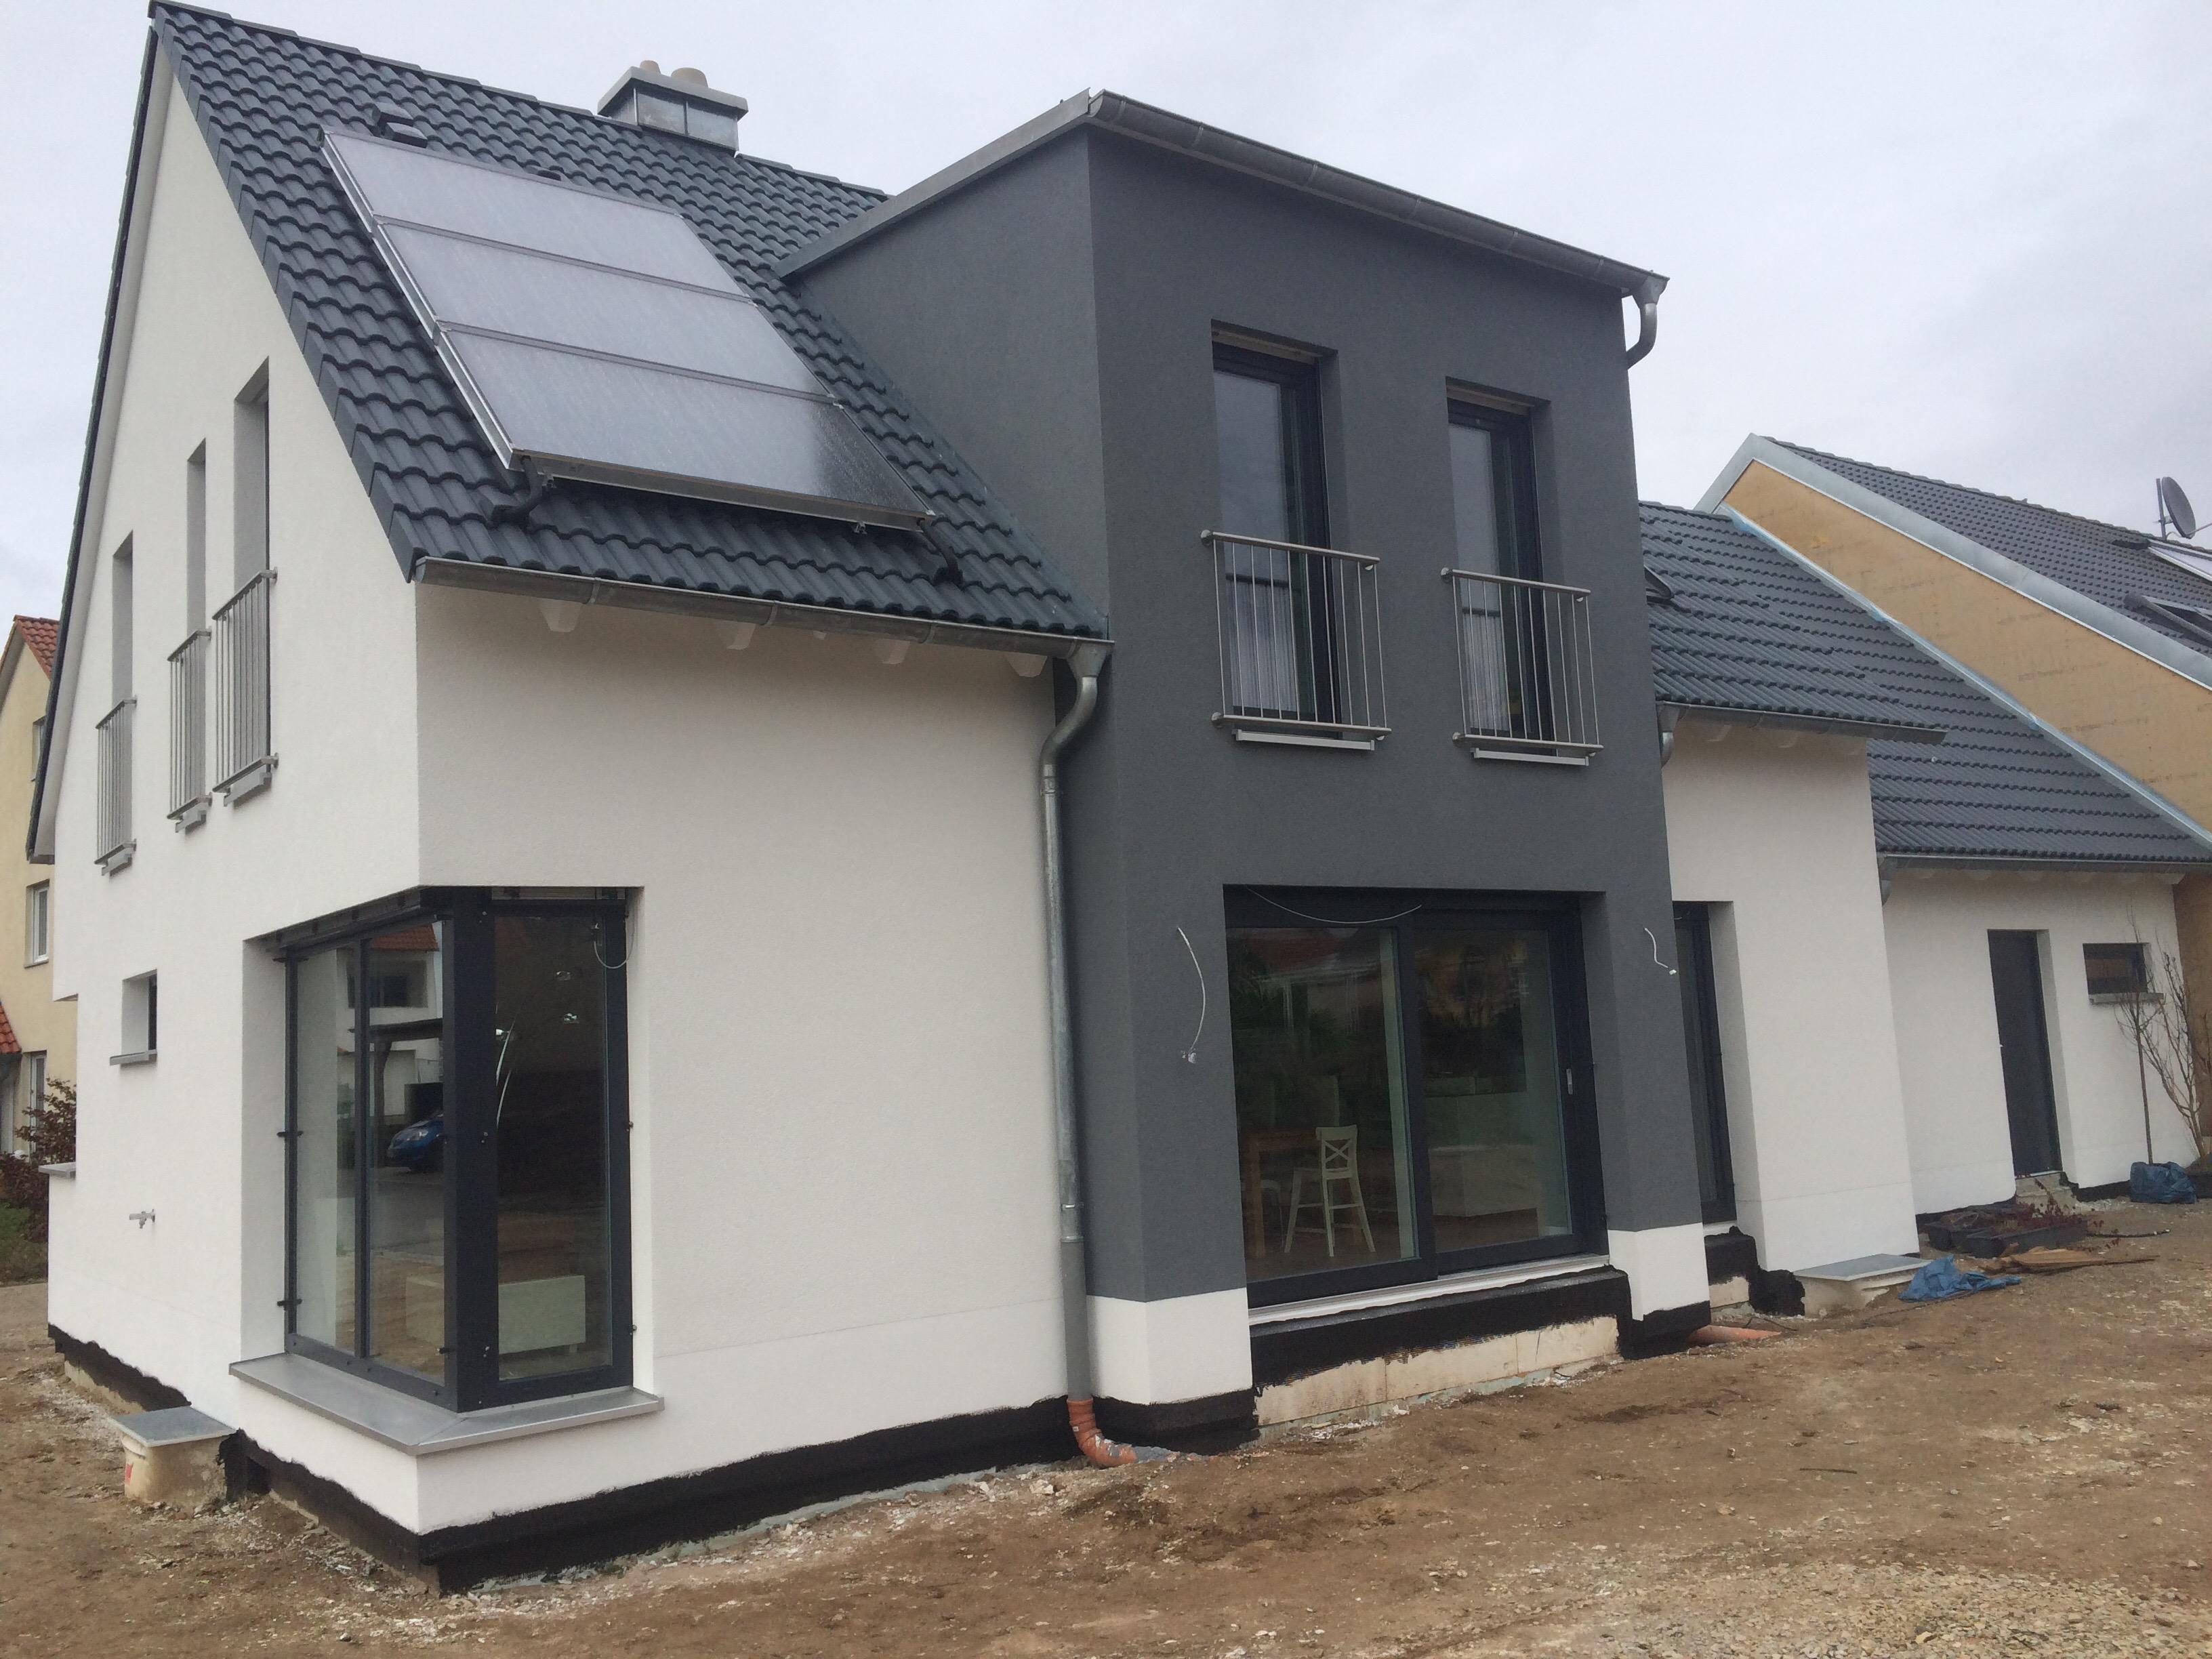 Kmh Haus projekt hausbau 2015 wir bauen unser haus mit kmh köhnlein